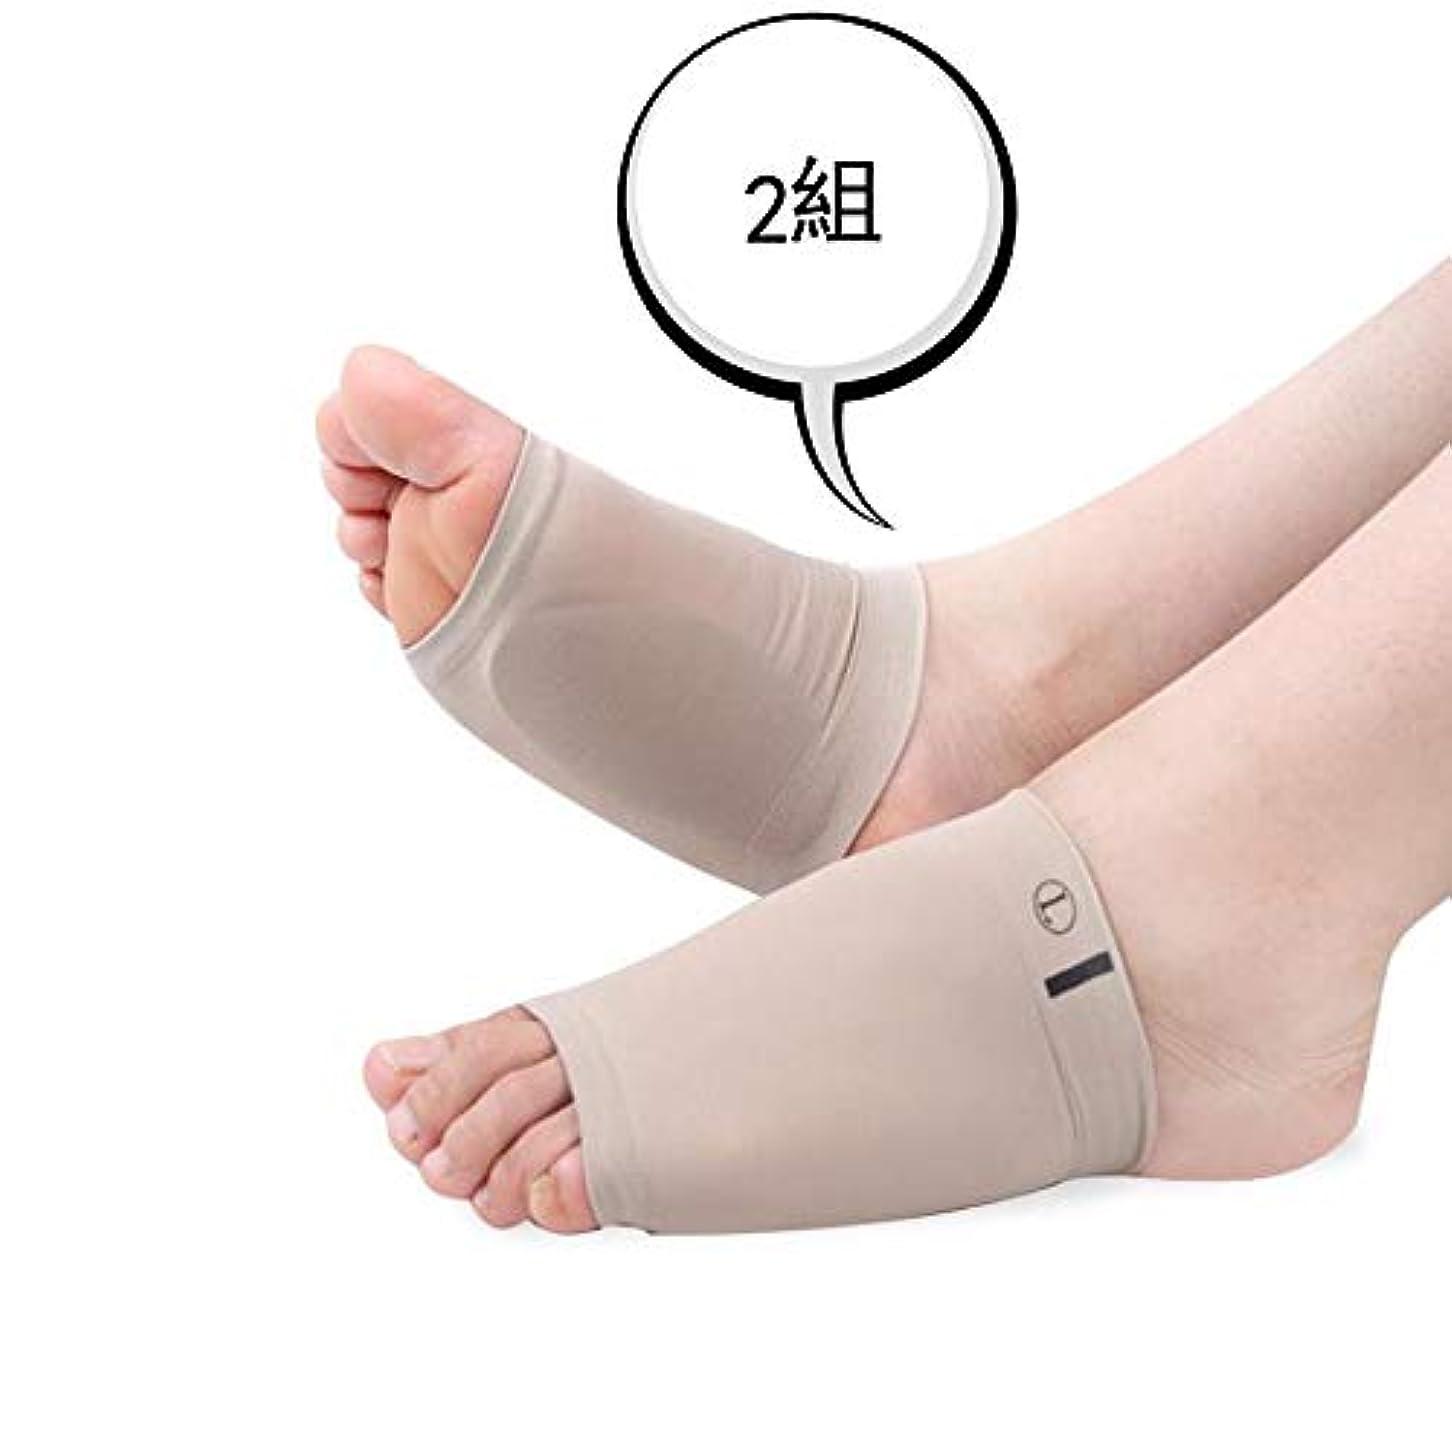 それる差し迫った戸口Bigmind 4枚入り足裏 サポーター 扁平足 サポート 足底筋膜炎 アーチサポーター リコンが足裏をしっかり保護 衝撃吸収